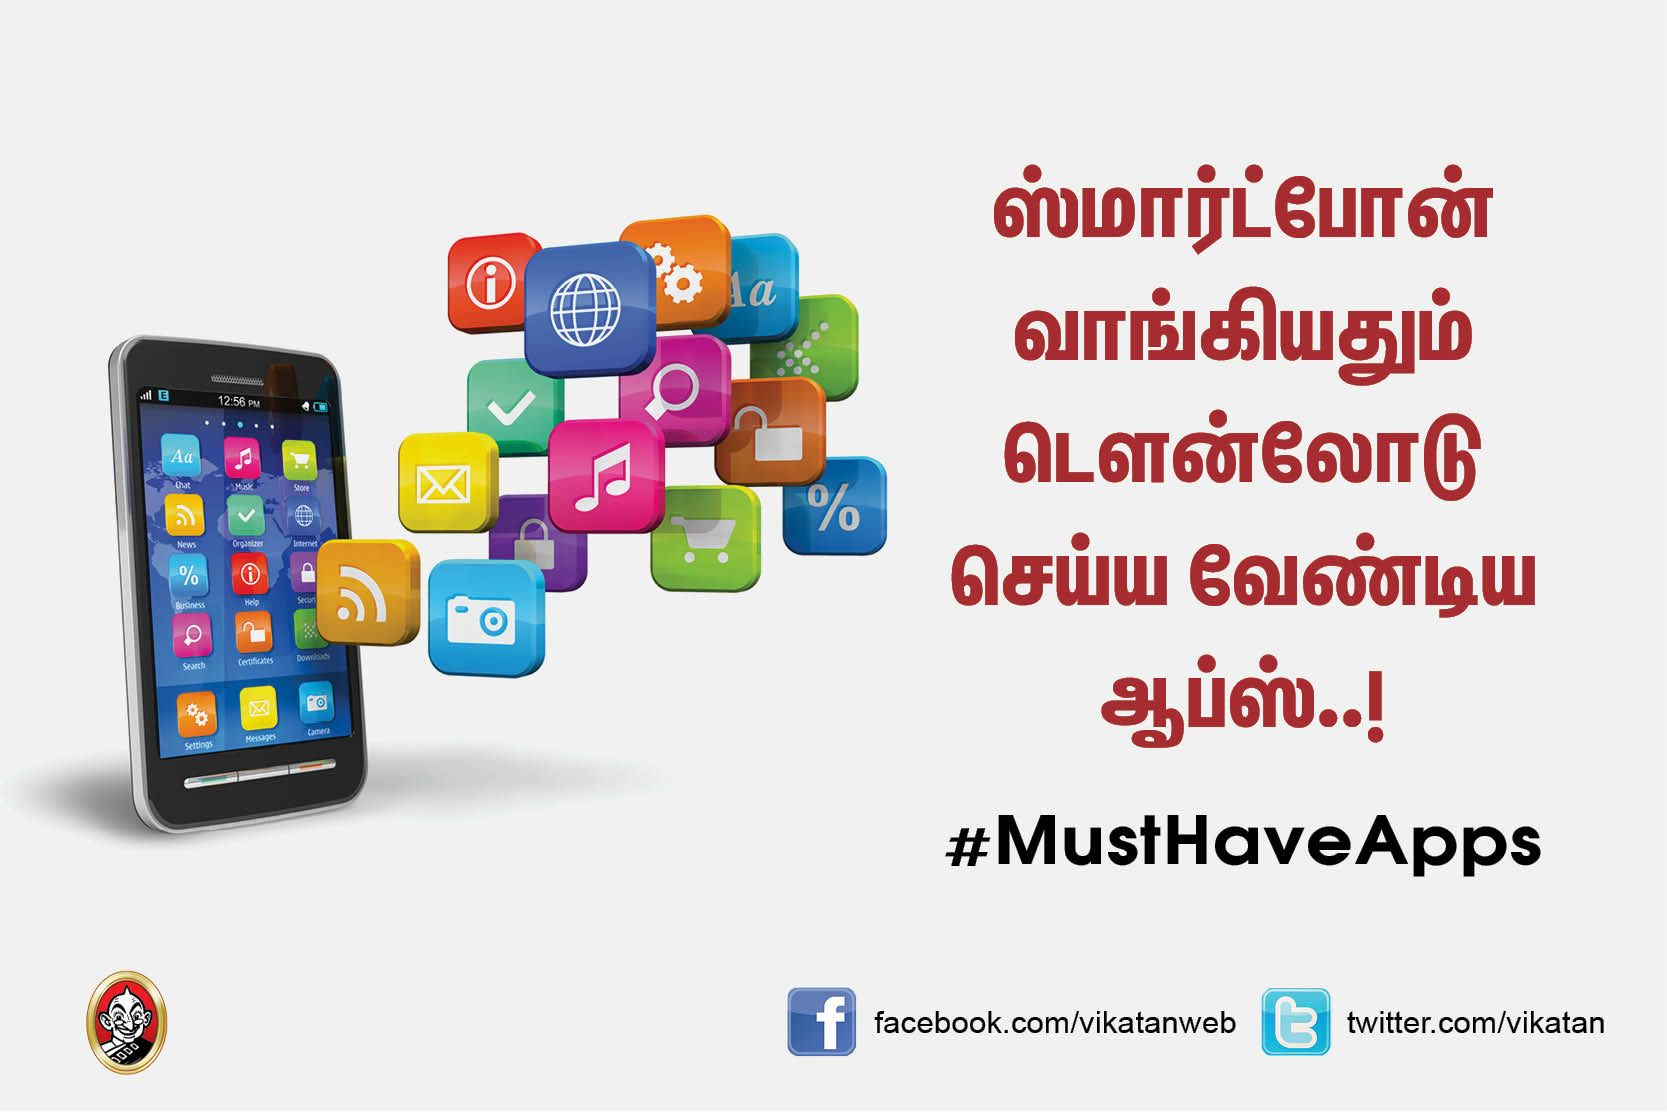 ஸ்மார்ட்போன் வாங்கியதும் டெளன்லோடு செய்ய வேண்டிய ஆப்ஸ்..! #MustHaveApps